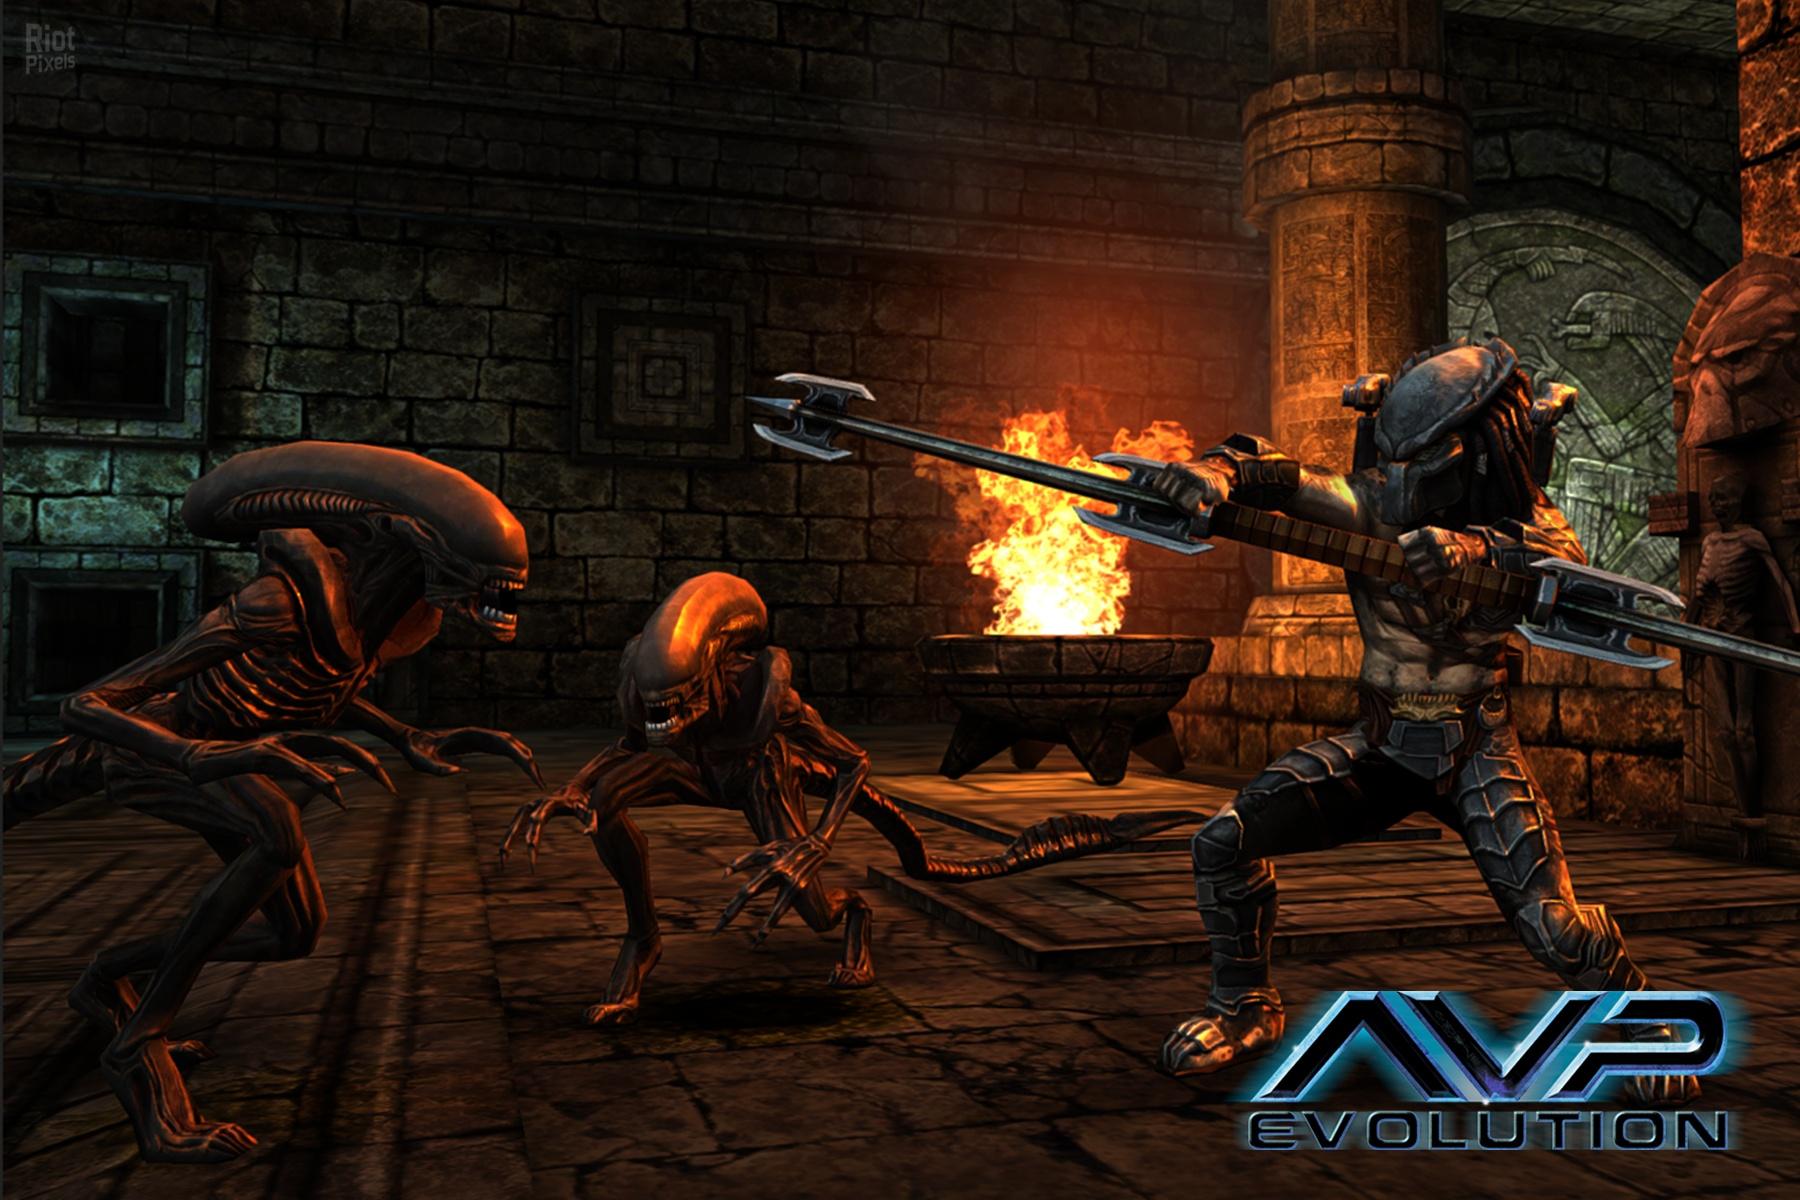 Прохождение игры avp evolution 11 фотография